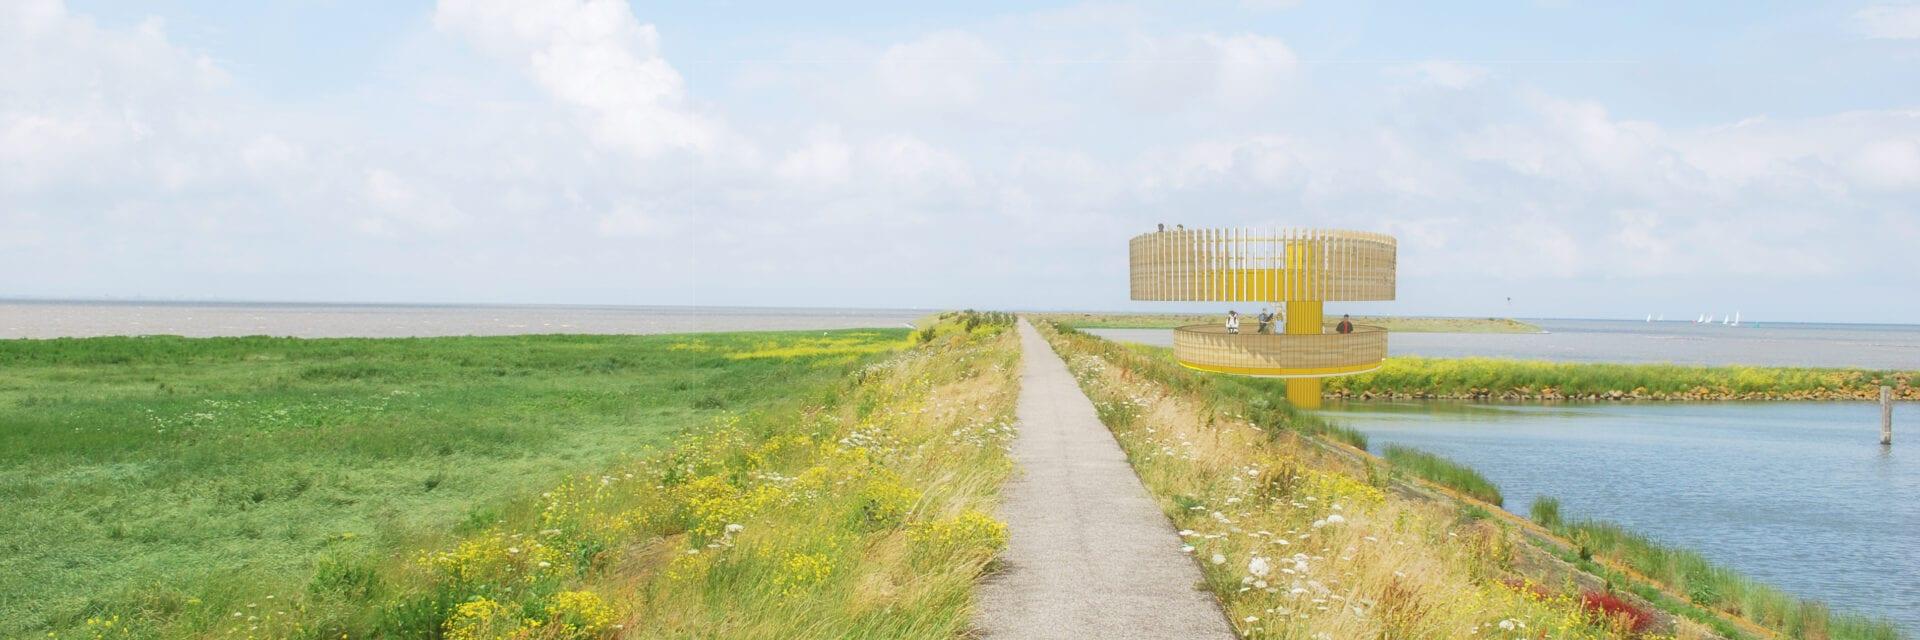 Getekende impressie van het belevingspunt bij Den Oever. De gele uitkijktoren staat in een landschap. daar achter zie je de Waddenzee en boven het uitkijkpunt vliegen vogels.